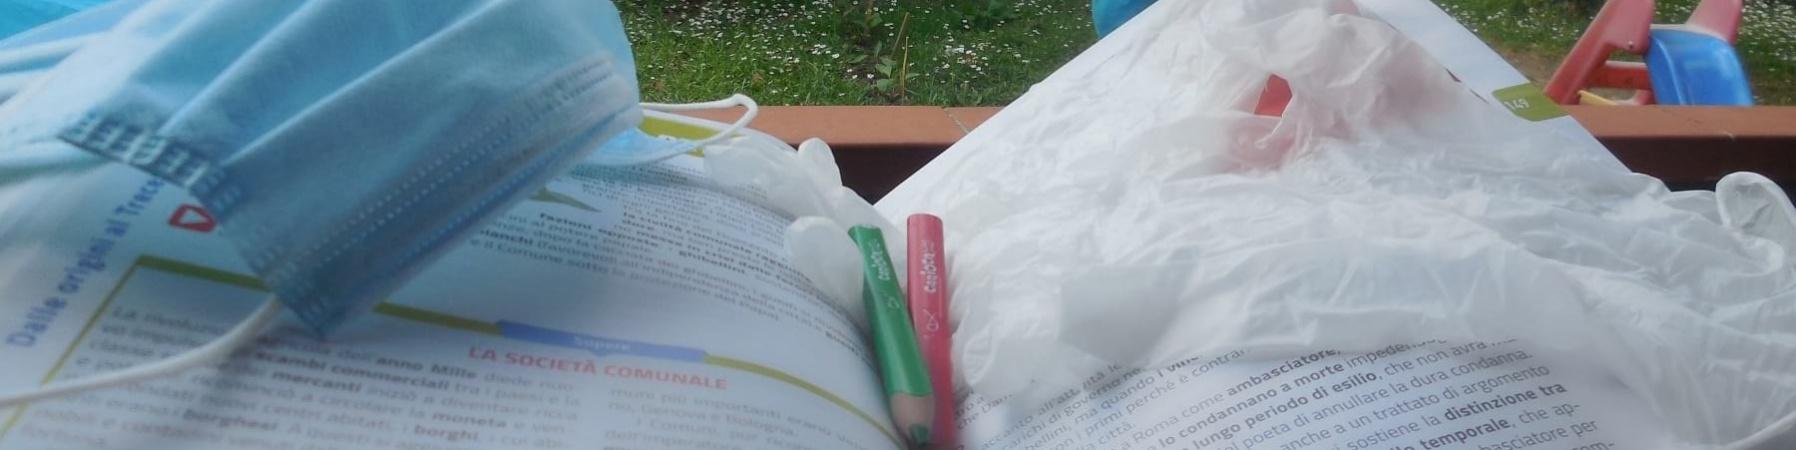 Mascherina, guanti e matite sopra un libro scolastico aperto. Sullo sfondo un giardino